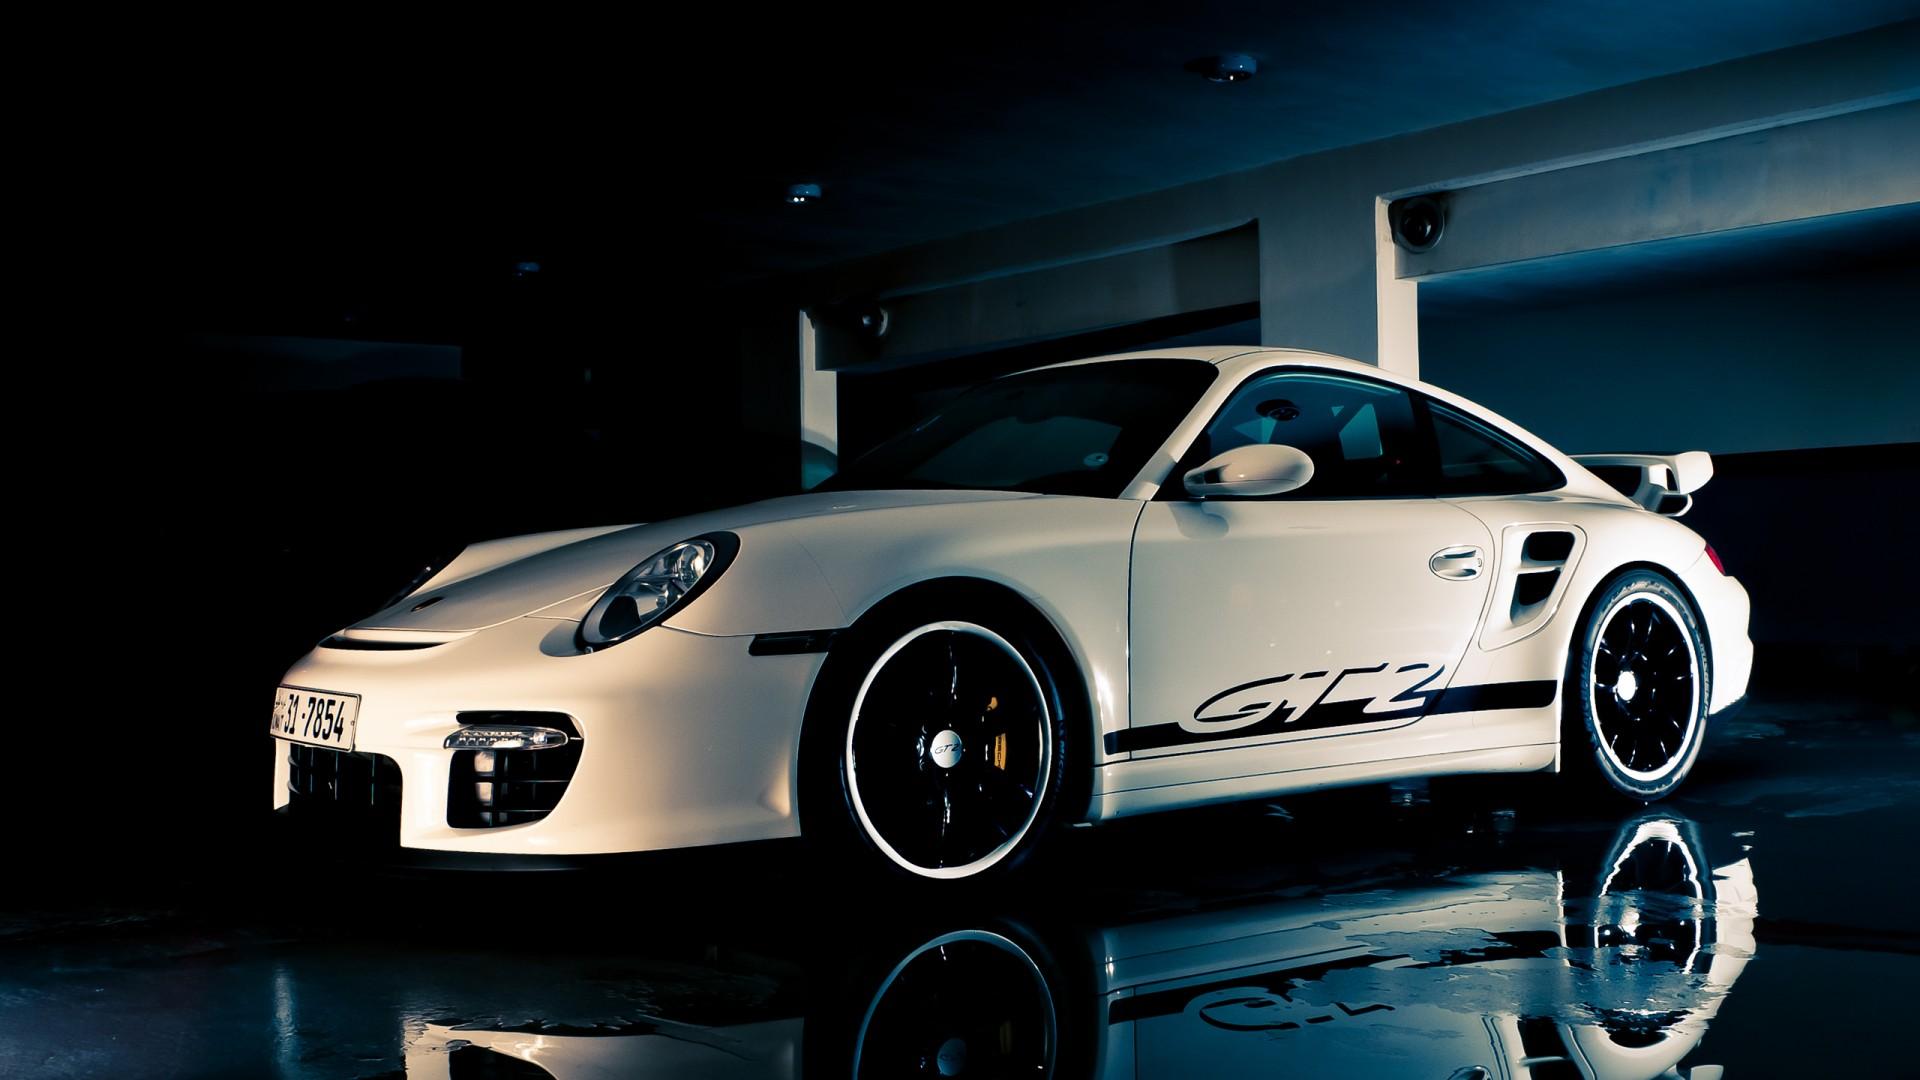 Latest Car Wallpaper 2014 Porsche 997 Gt2 Wallpaper Hd Car Wallpapers Id 4552